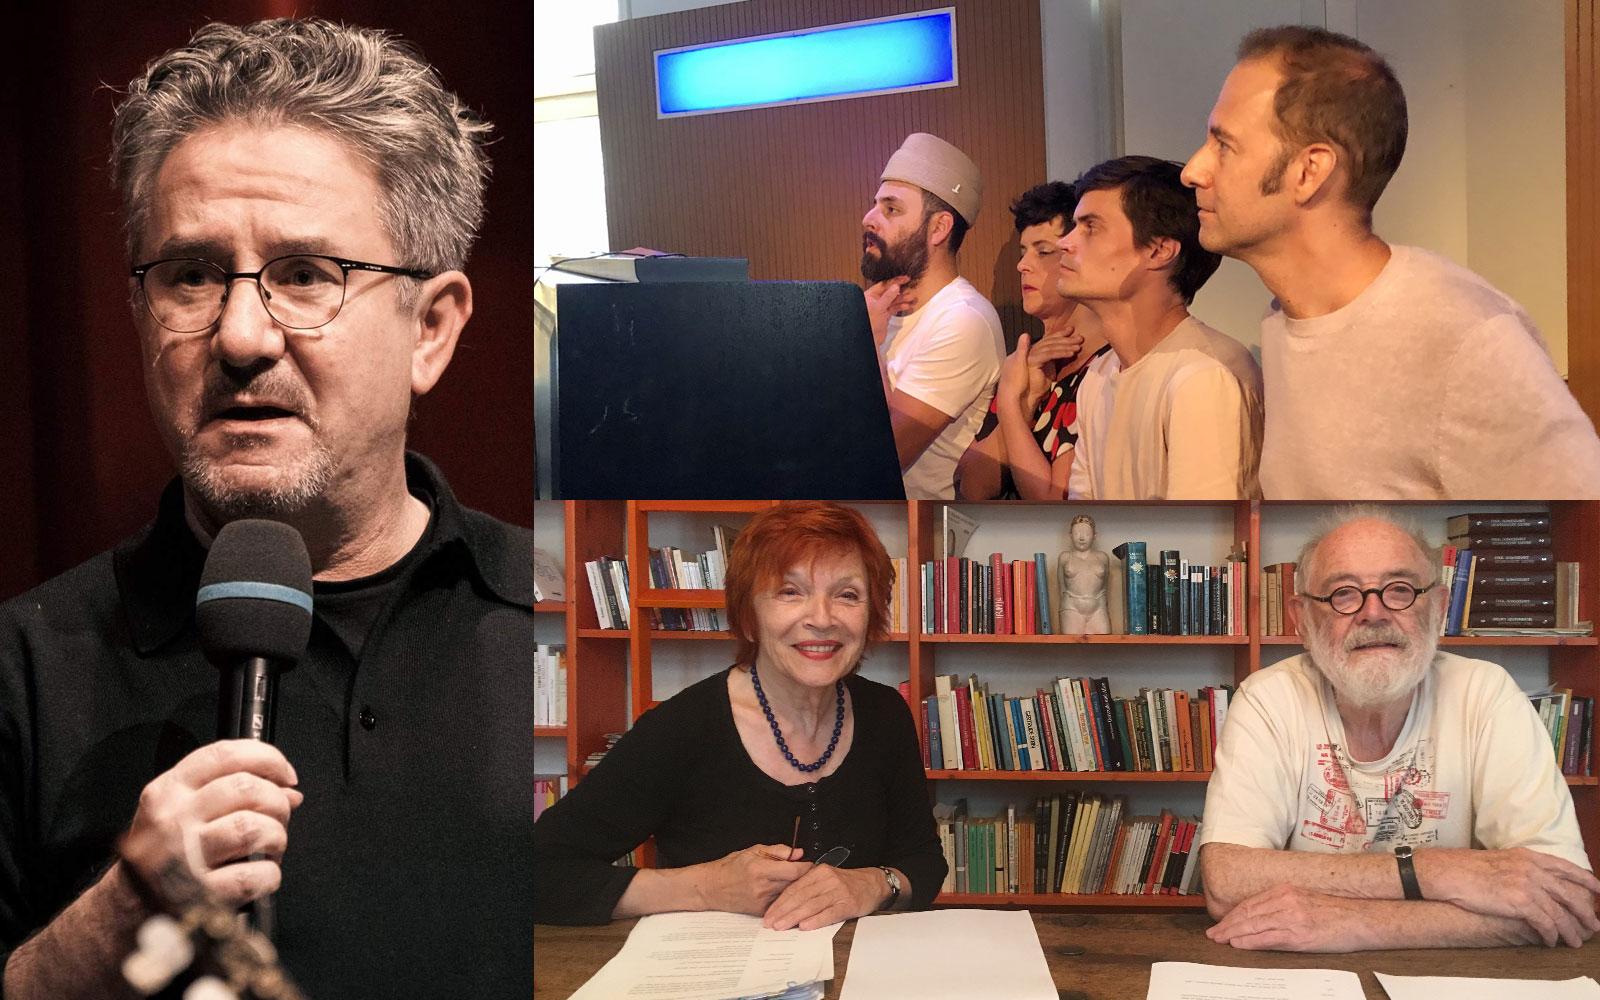 Helmut Jasbar, Donauwellenreiter, Christa und Kurt Schwertsik